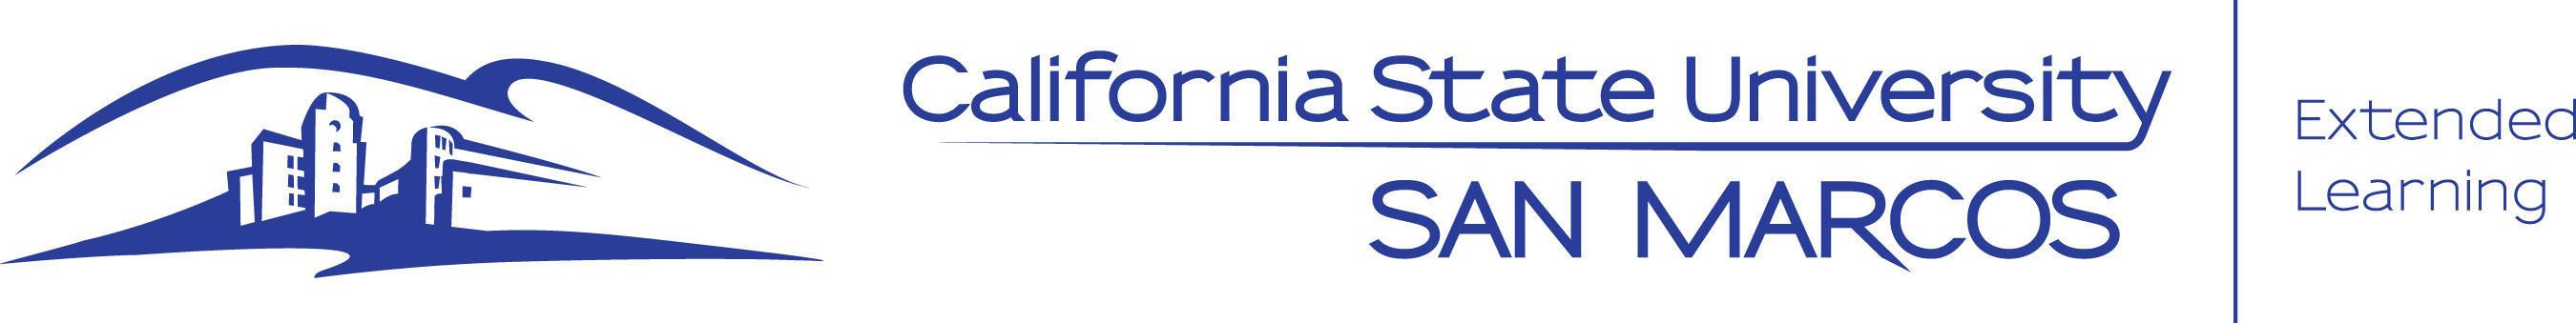 CSUSM EL logo.